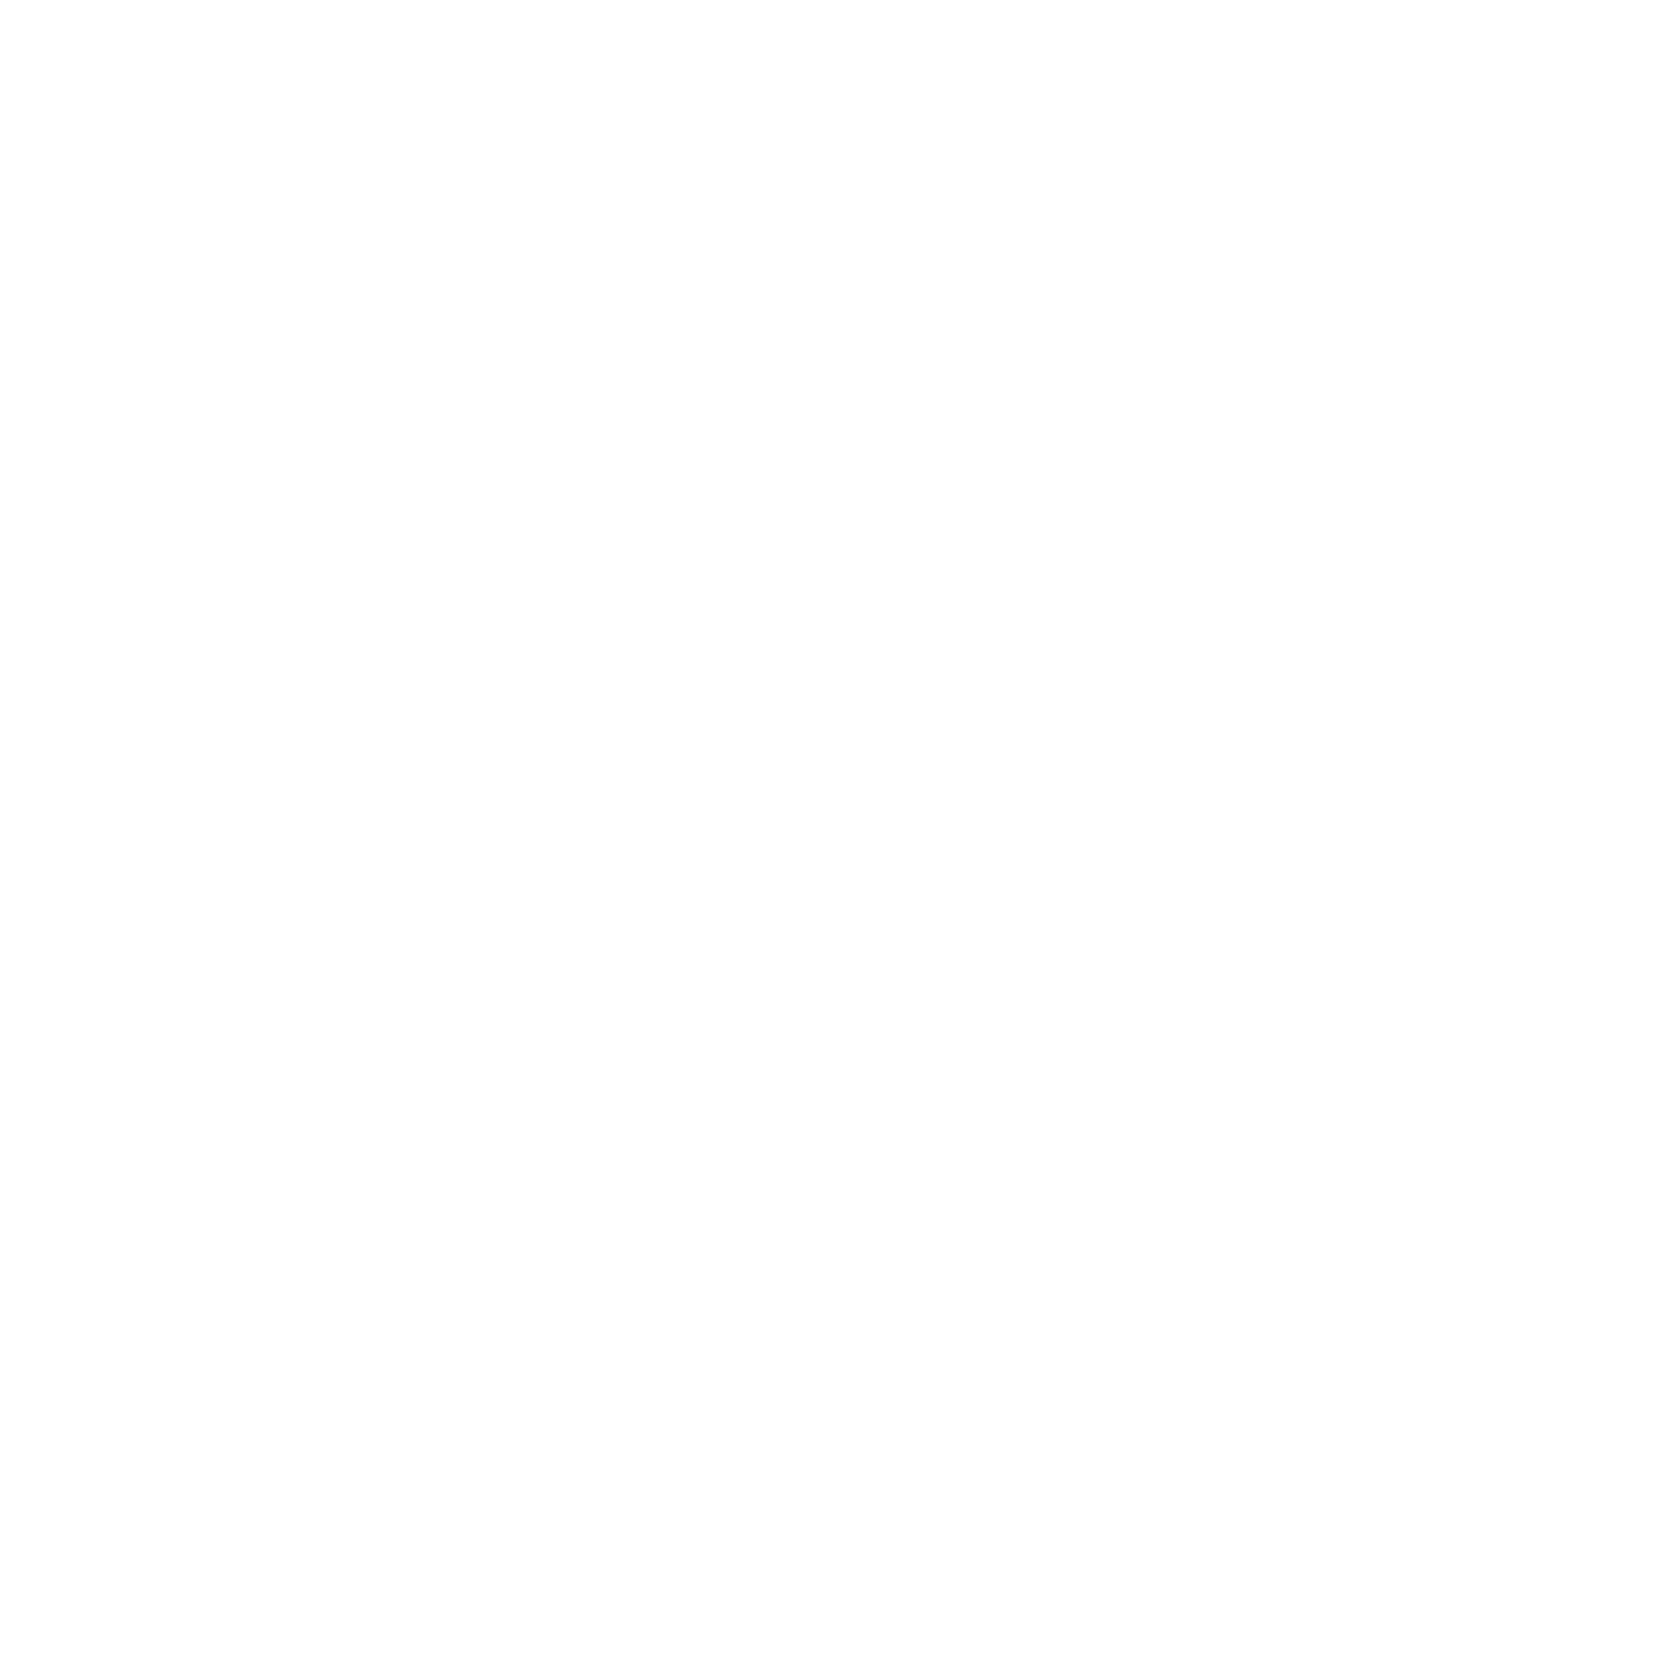 REAL ESTATE MARKET Awards